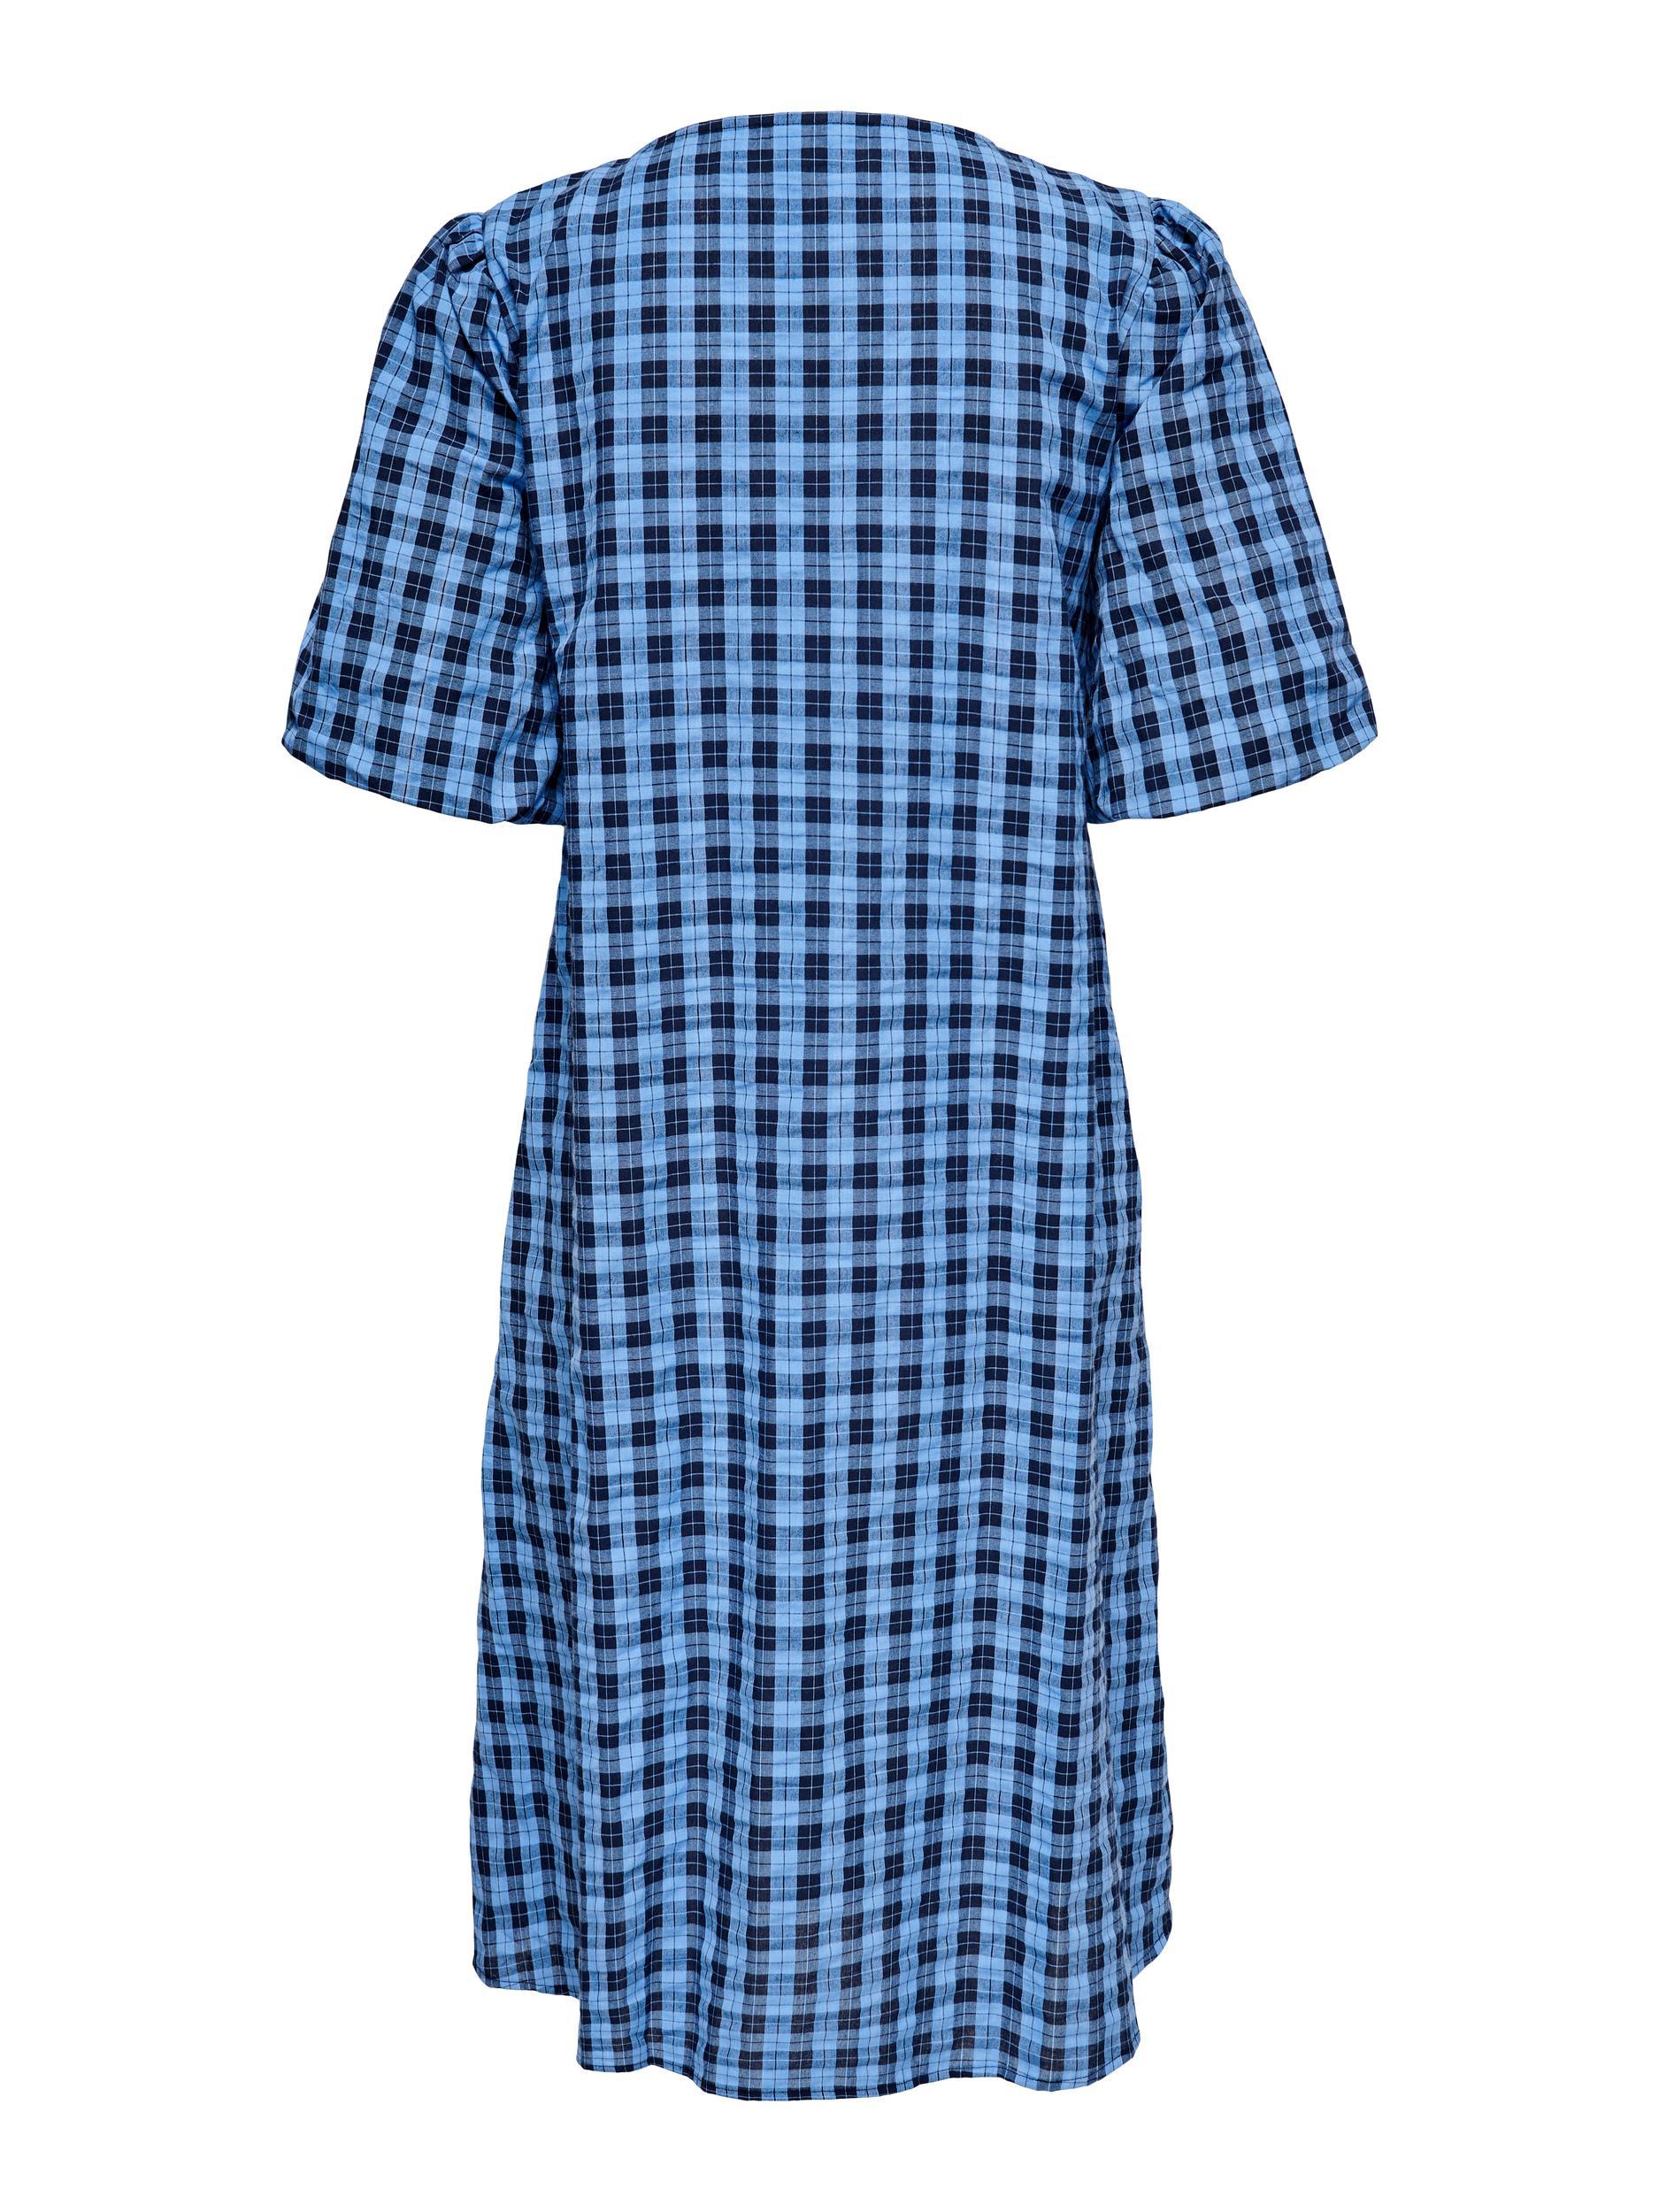 Jacqueline de Yong Chick kjole, vista blue, 40